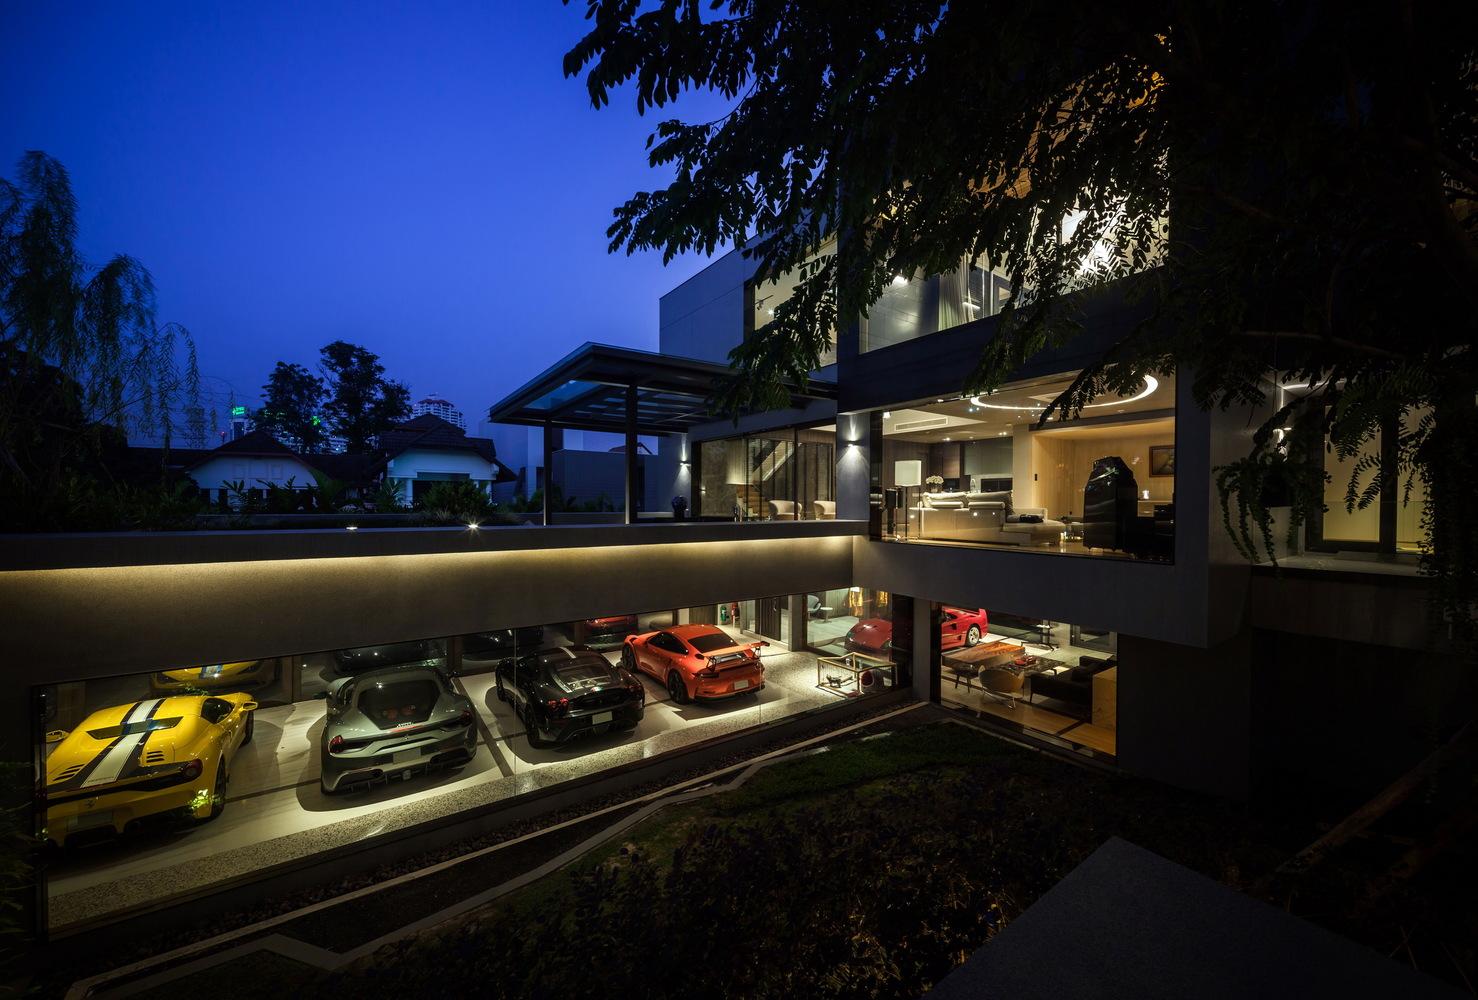 OKS CASA: Ein wahres Traumhaus für Automobilliebhaber 1